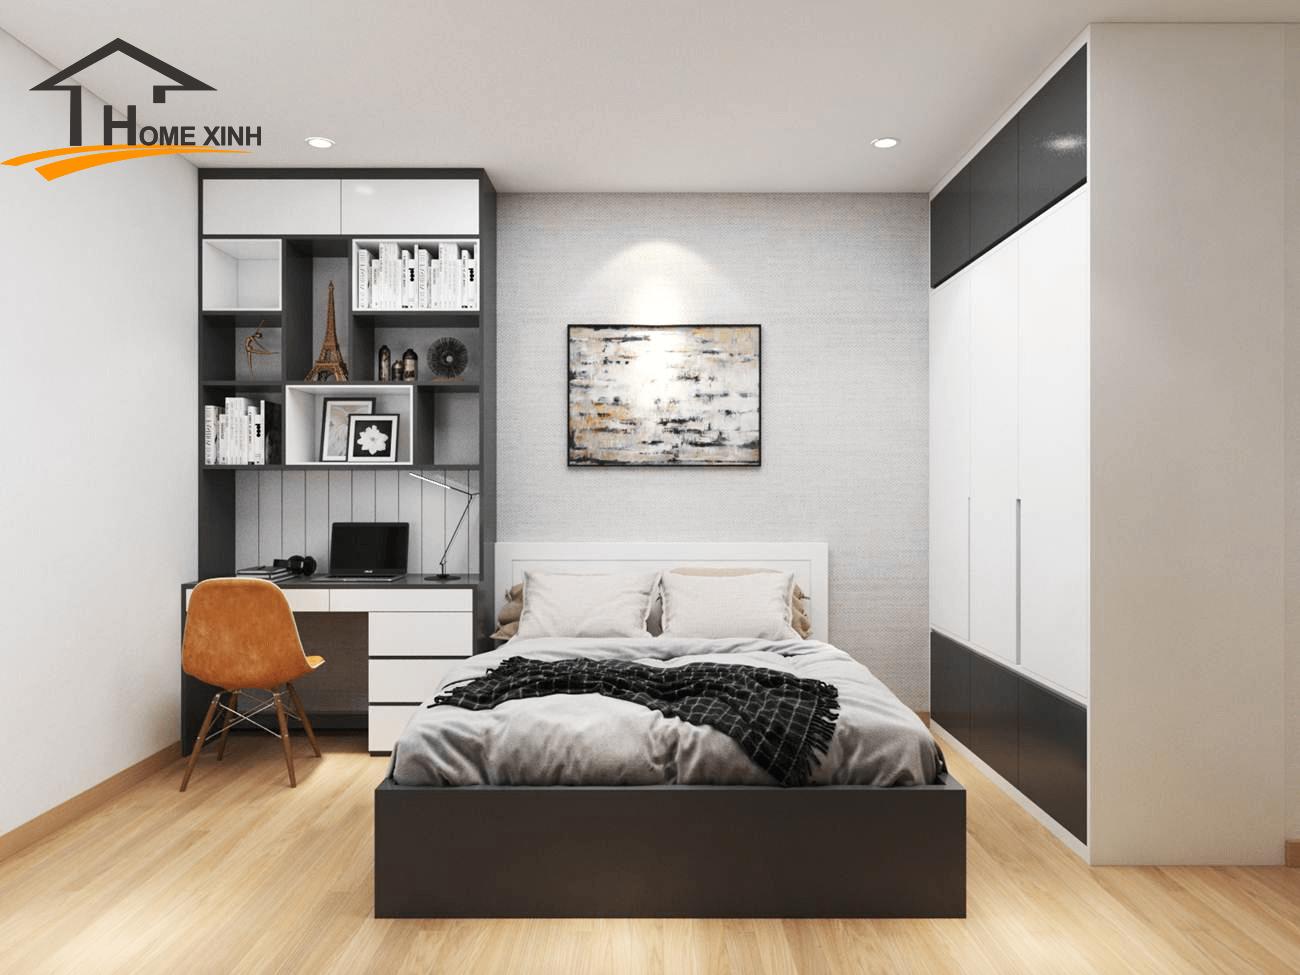 Các đặt giường ngủ theo phong thủy phù hợp với bản thân gia chủ